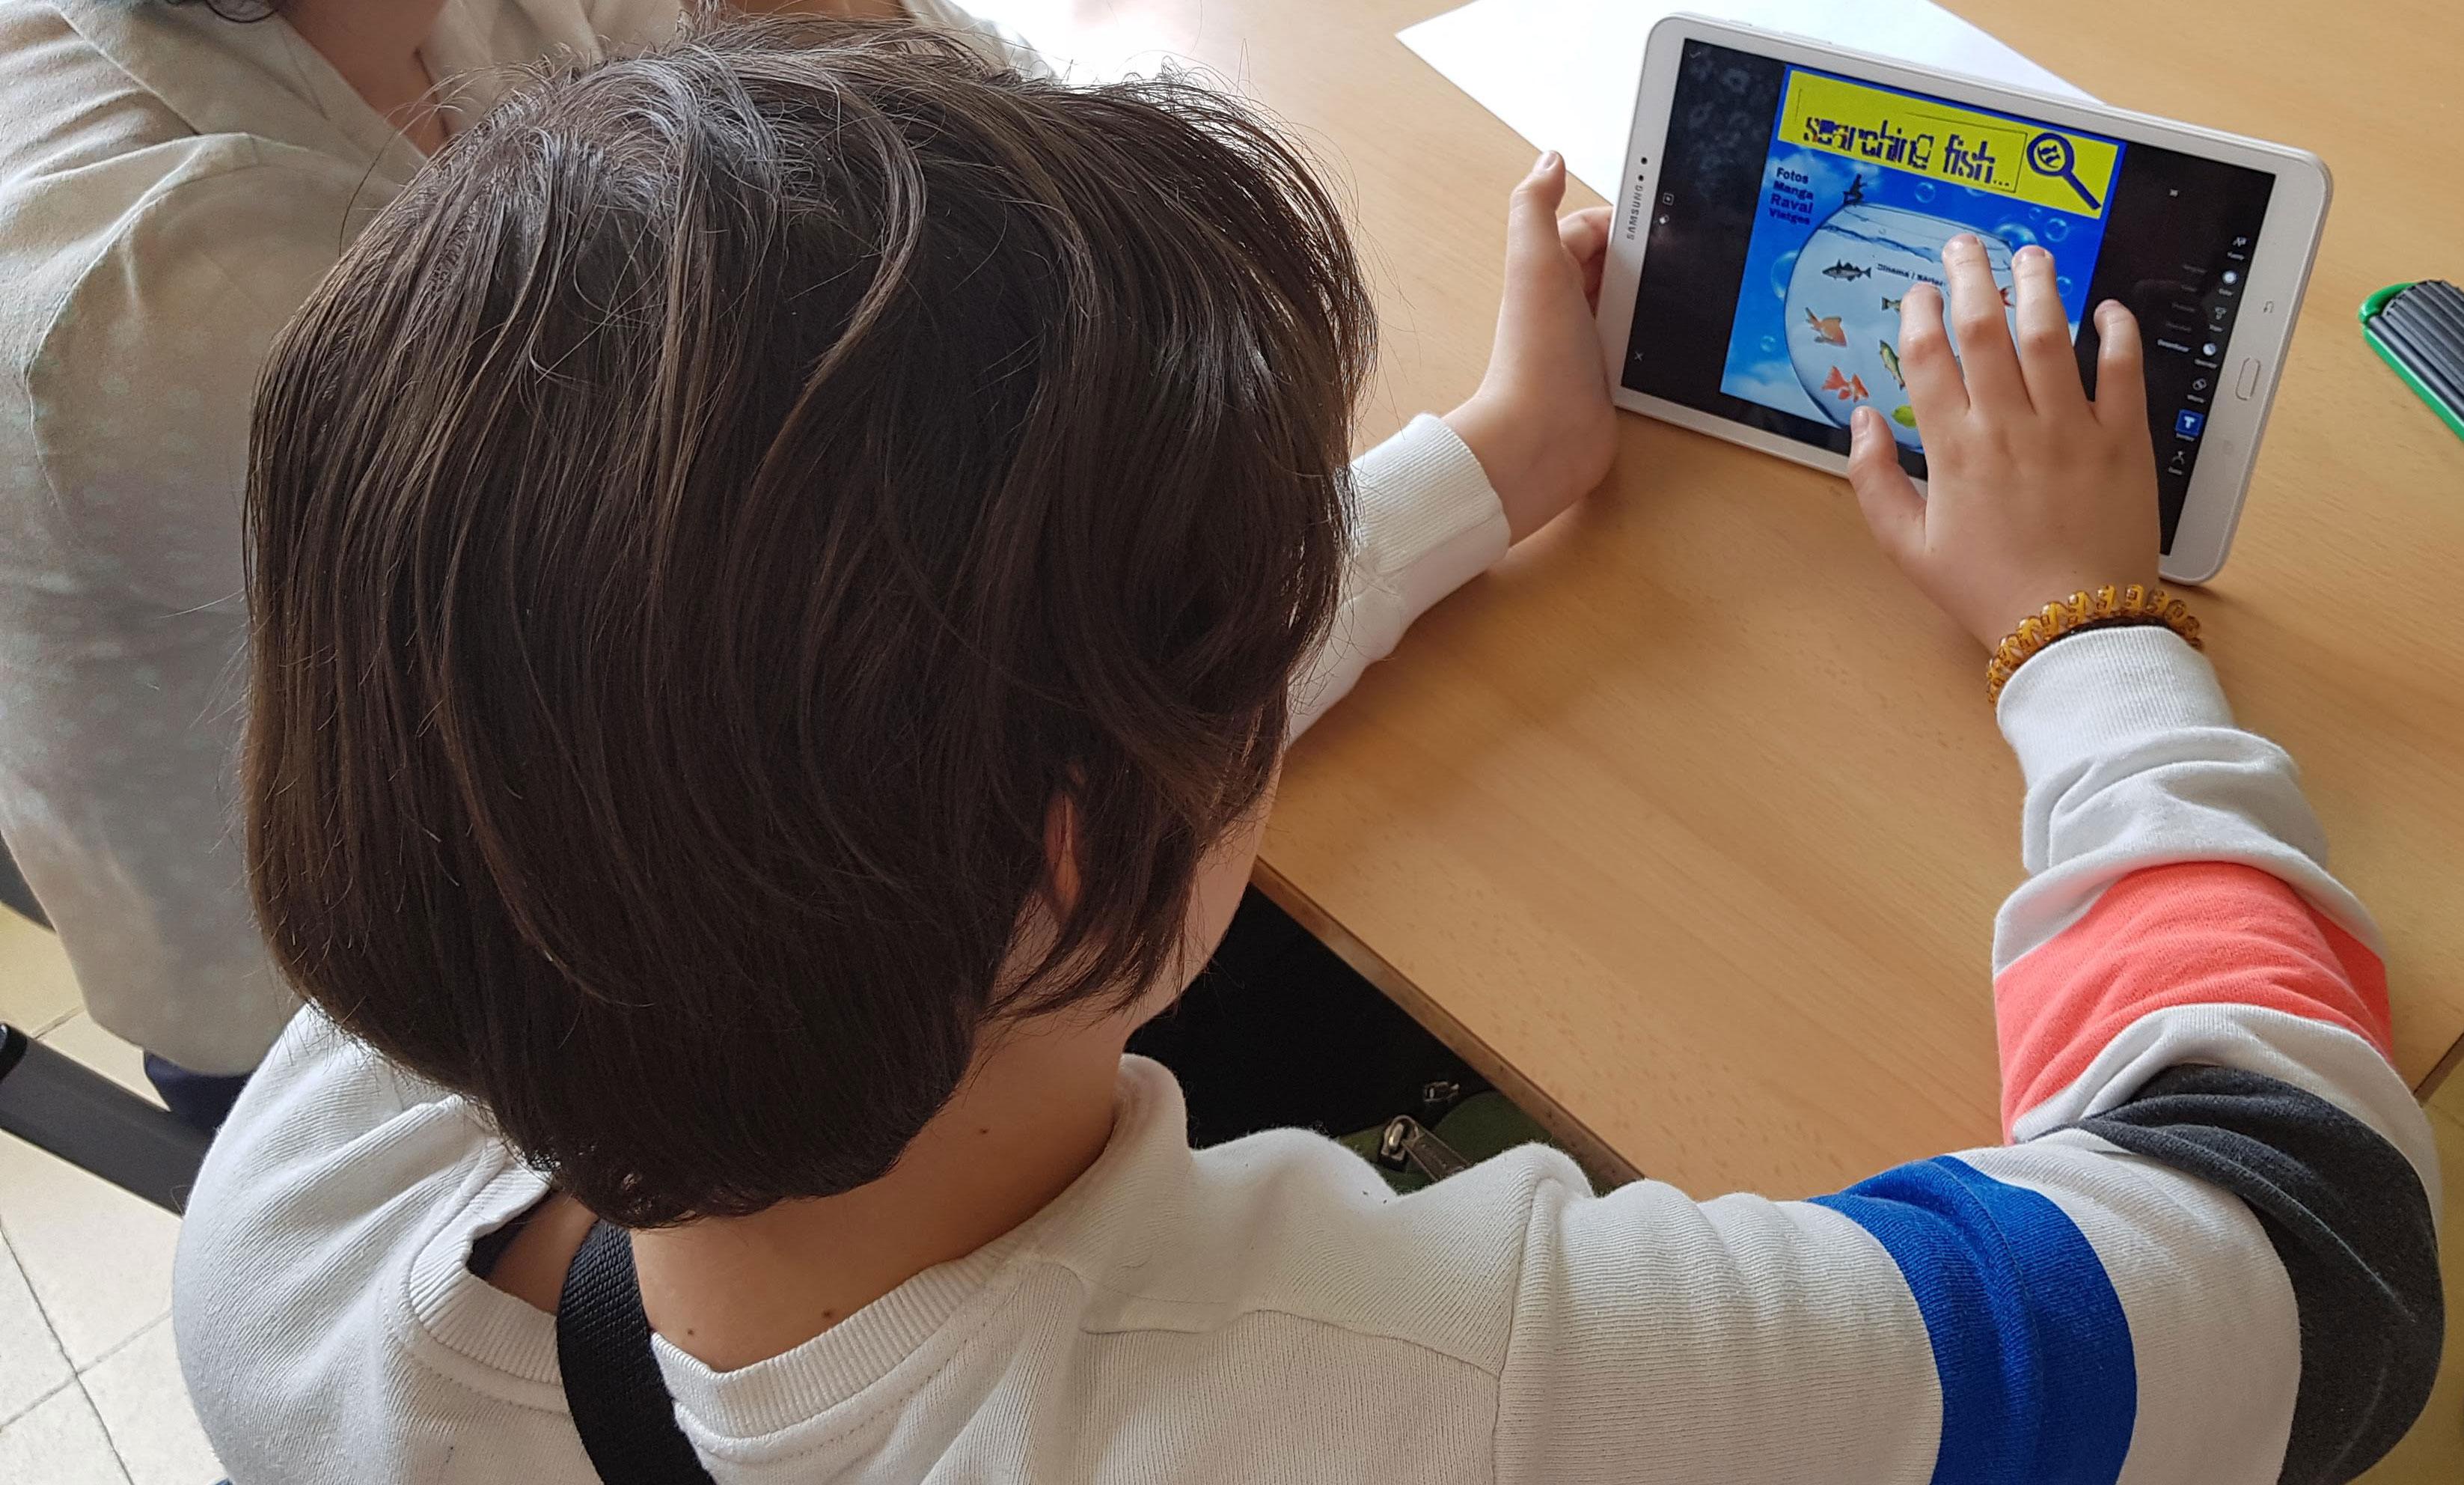 RavalSteam / Inst. Milà I Fontanals: Co-Creación de una revista digital escolar